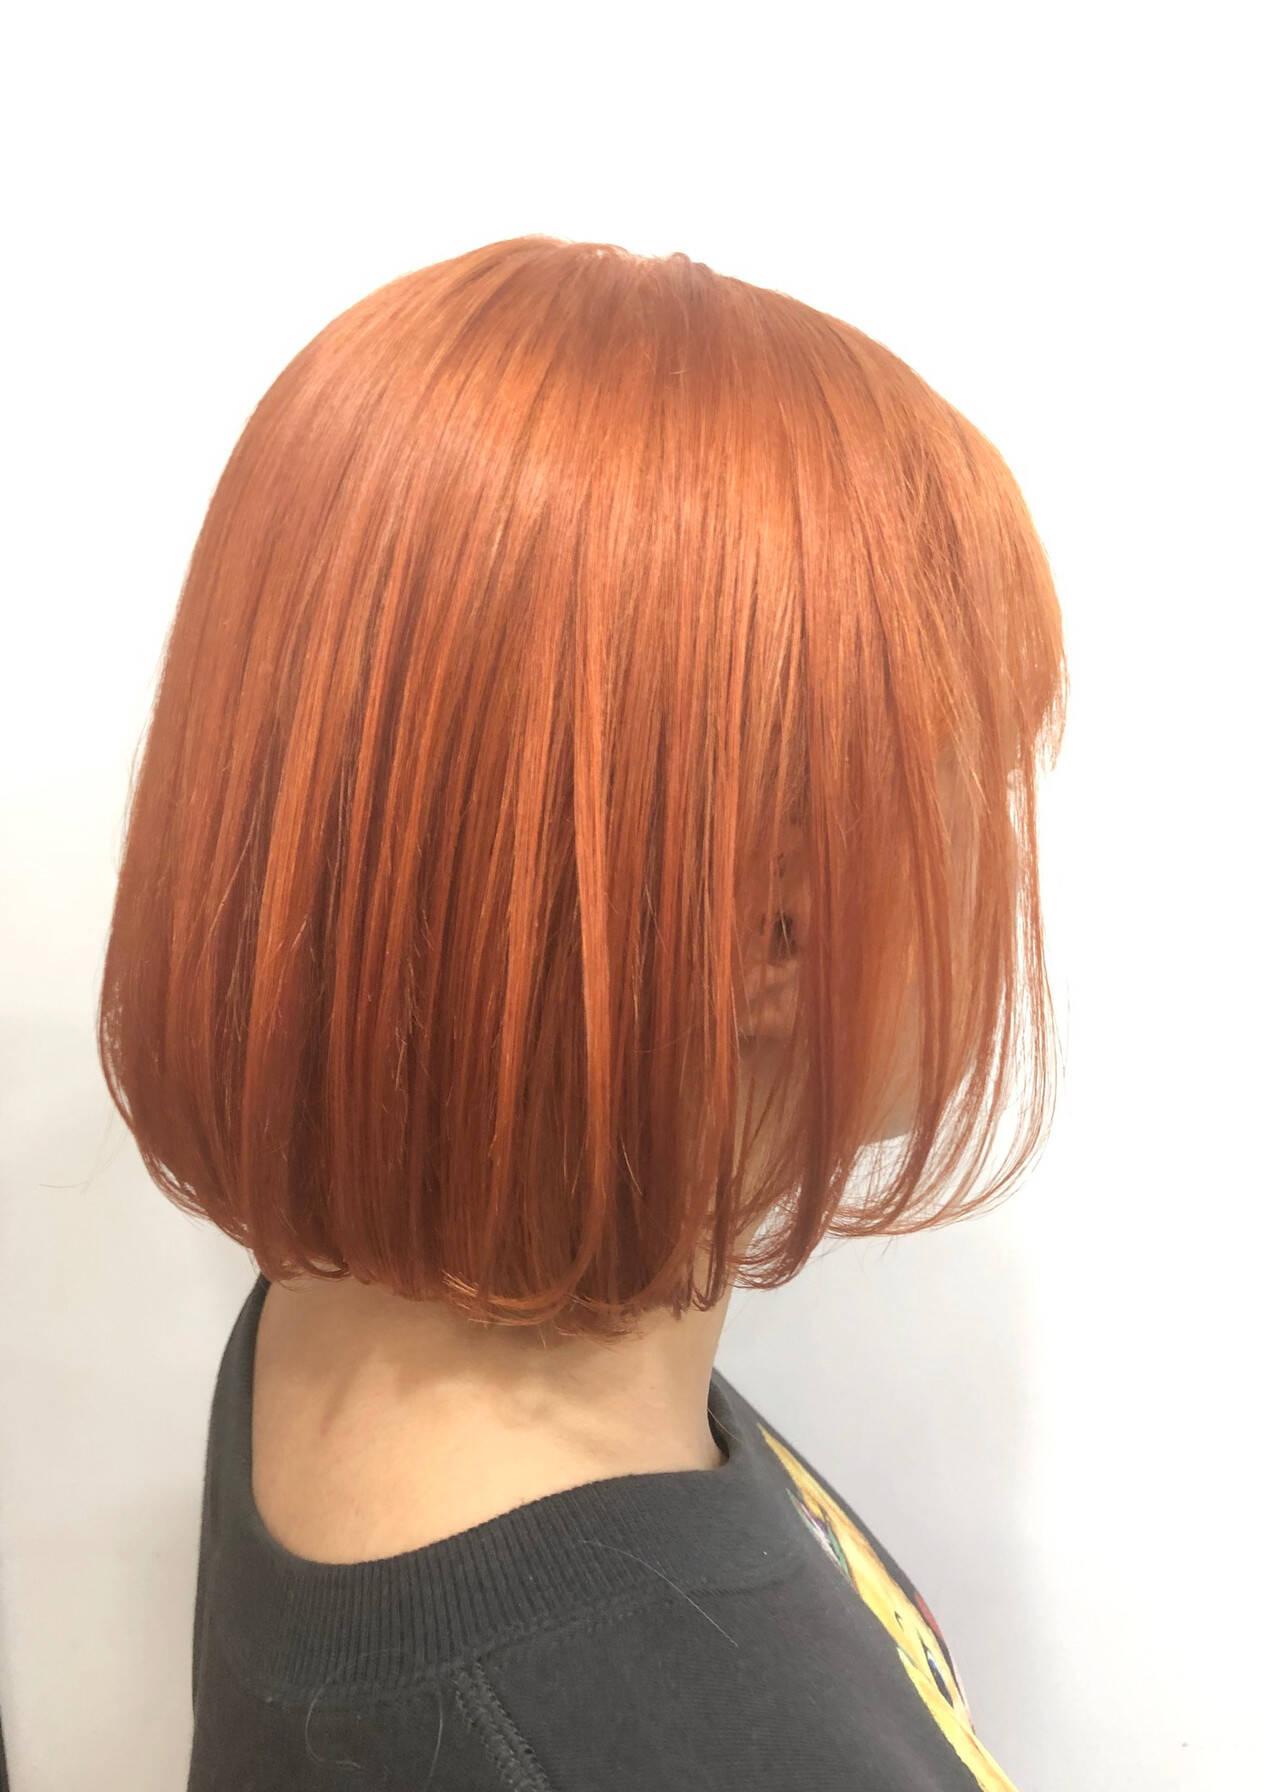 ボブ オレンジ オレンジベージュ オレンジカラーヘアスタイルや髪型の写真・画像